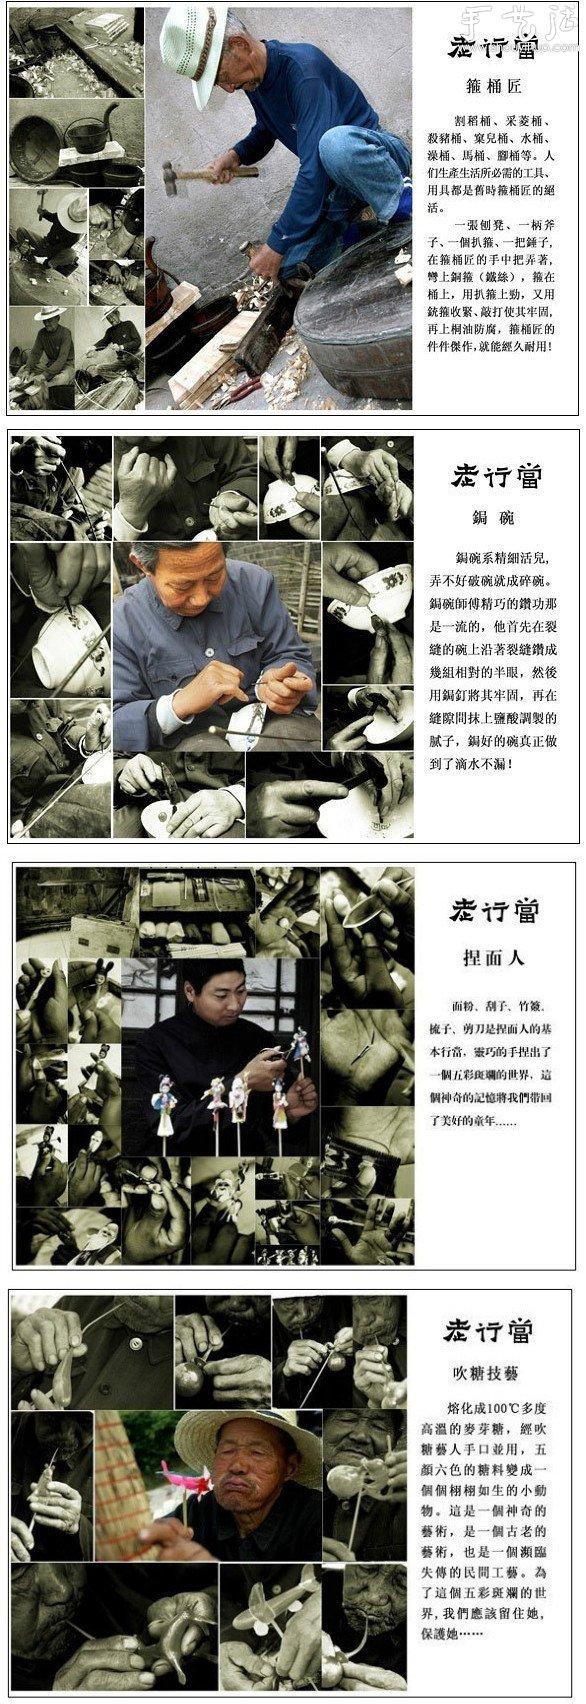 中国正在消失的传统民间老行当 -  www.shouyihuo.com